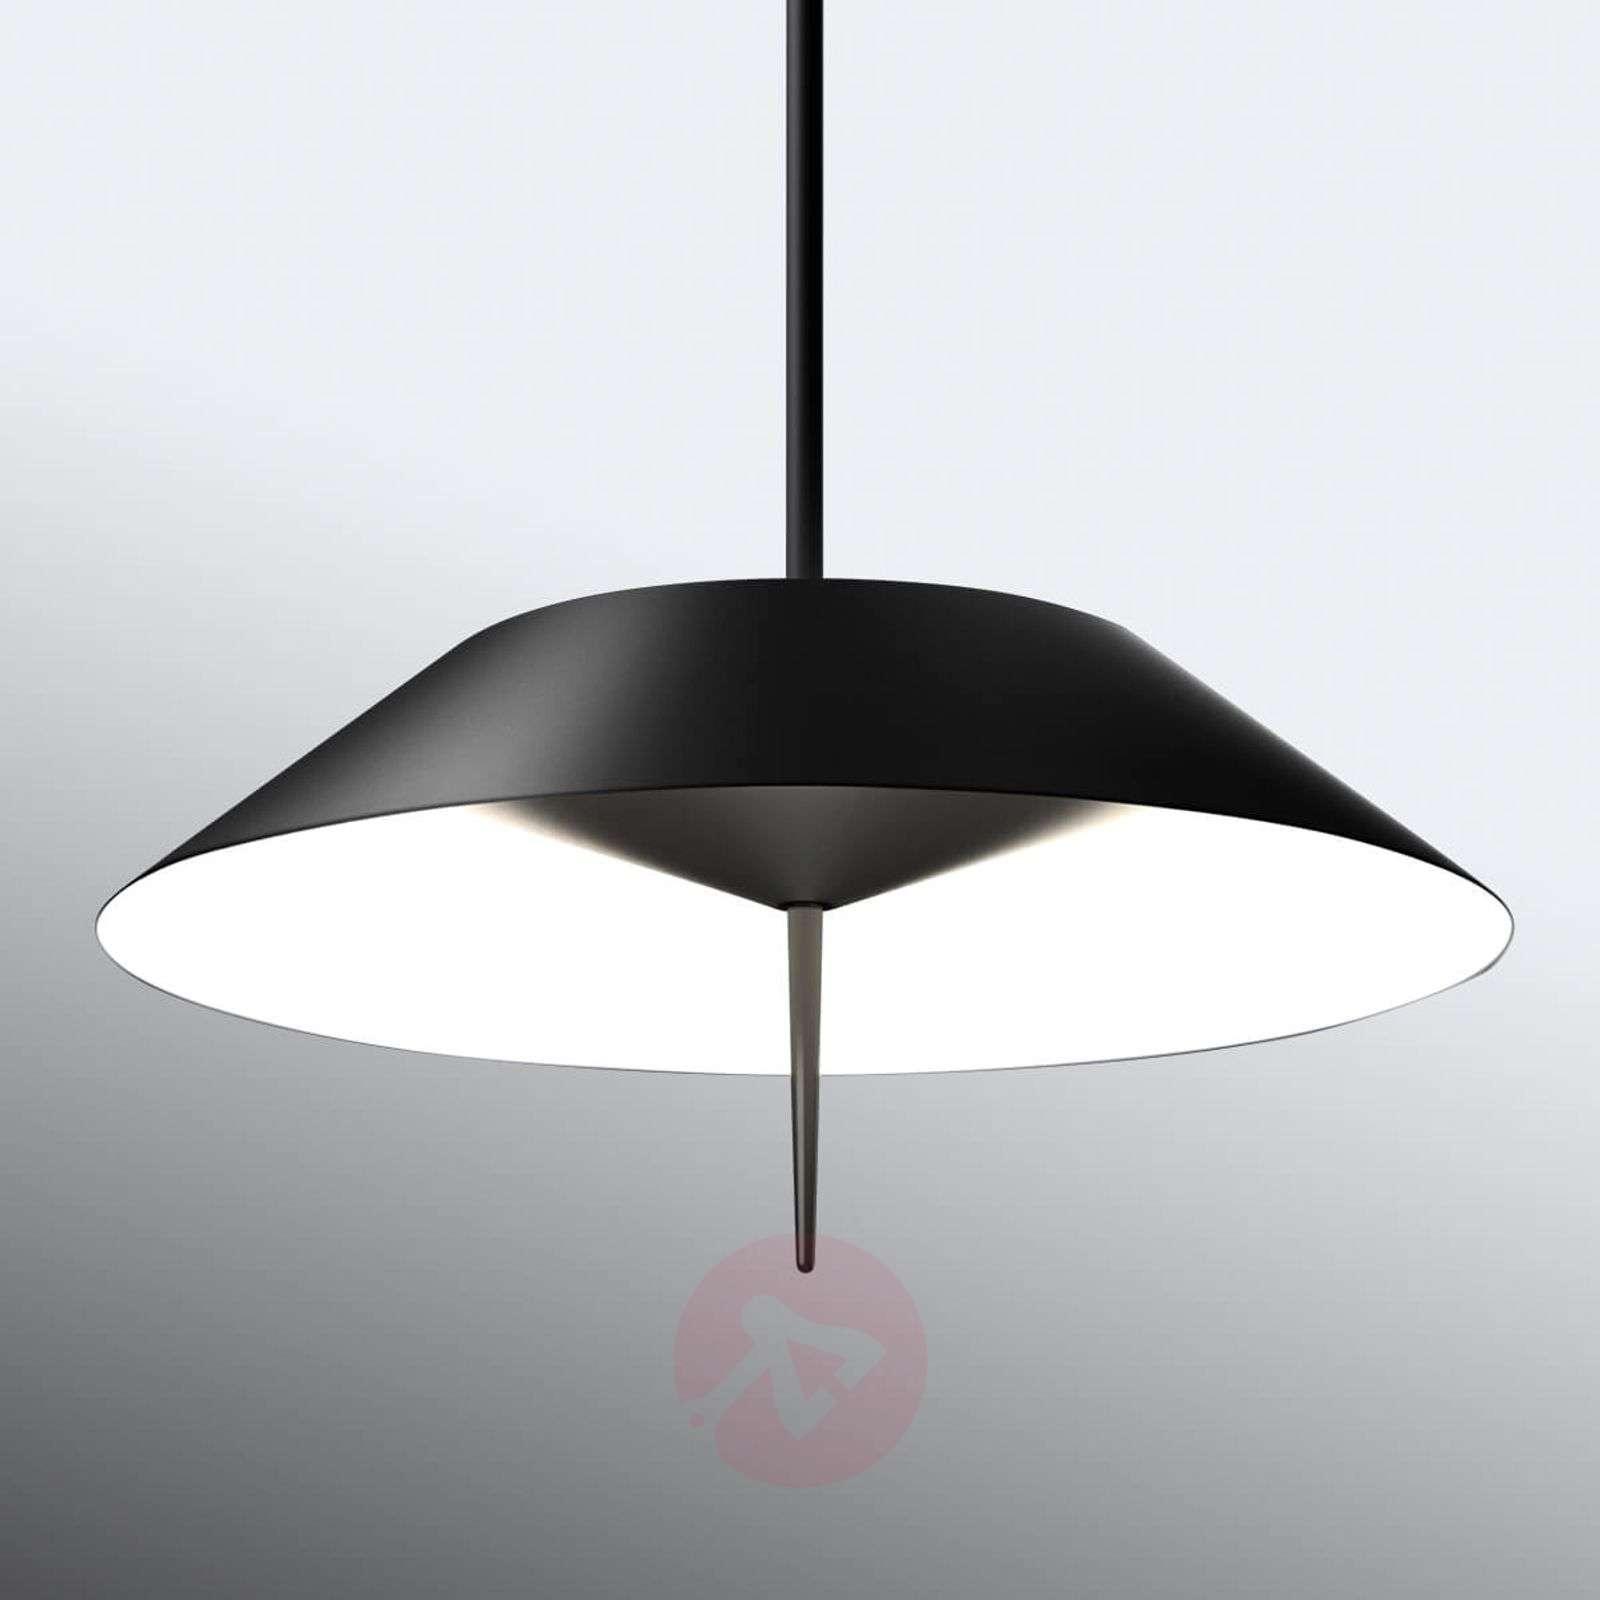 Design-LED-riippuvalaisin Mayfair-9515115-01